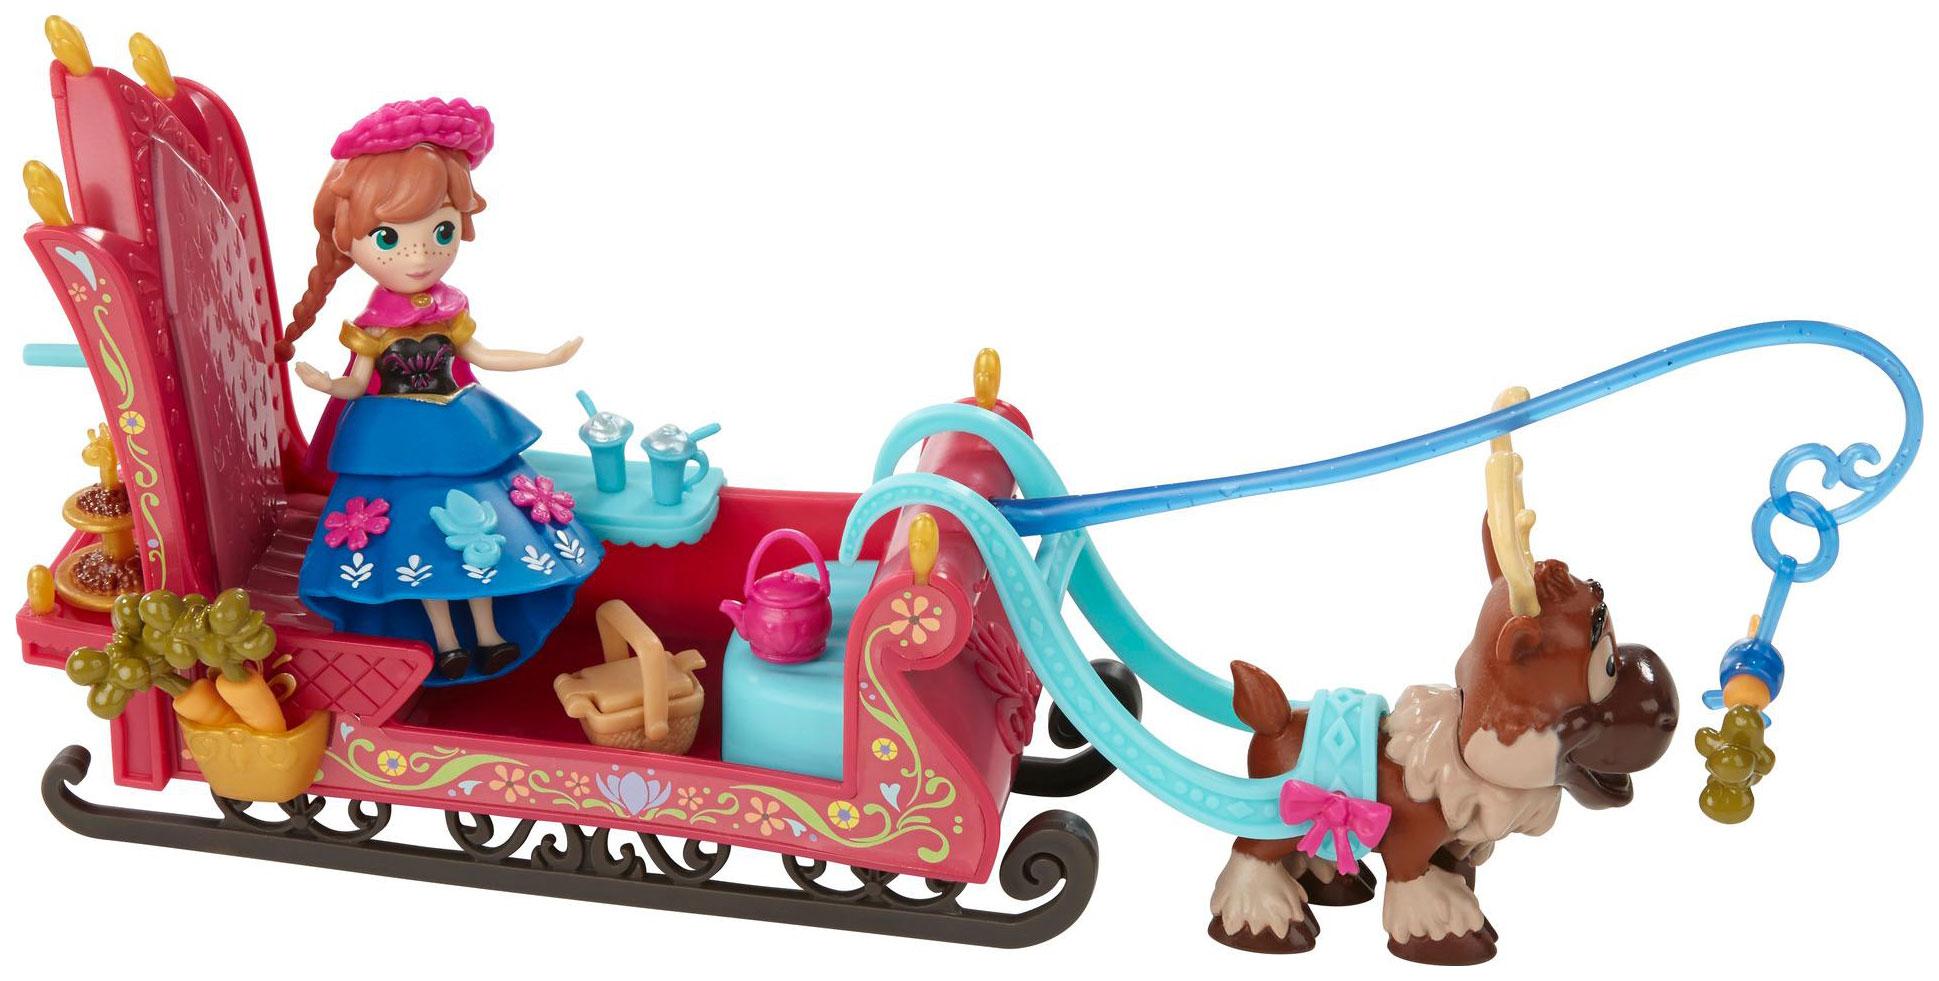 Купить Игровой набор маленькие куклы холодное сердце b5194 b5196 в ассортименте, Disney Frozen, Классические куклы